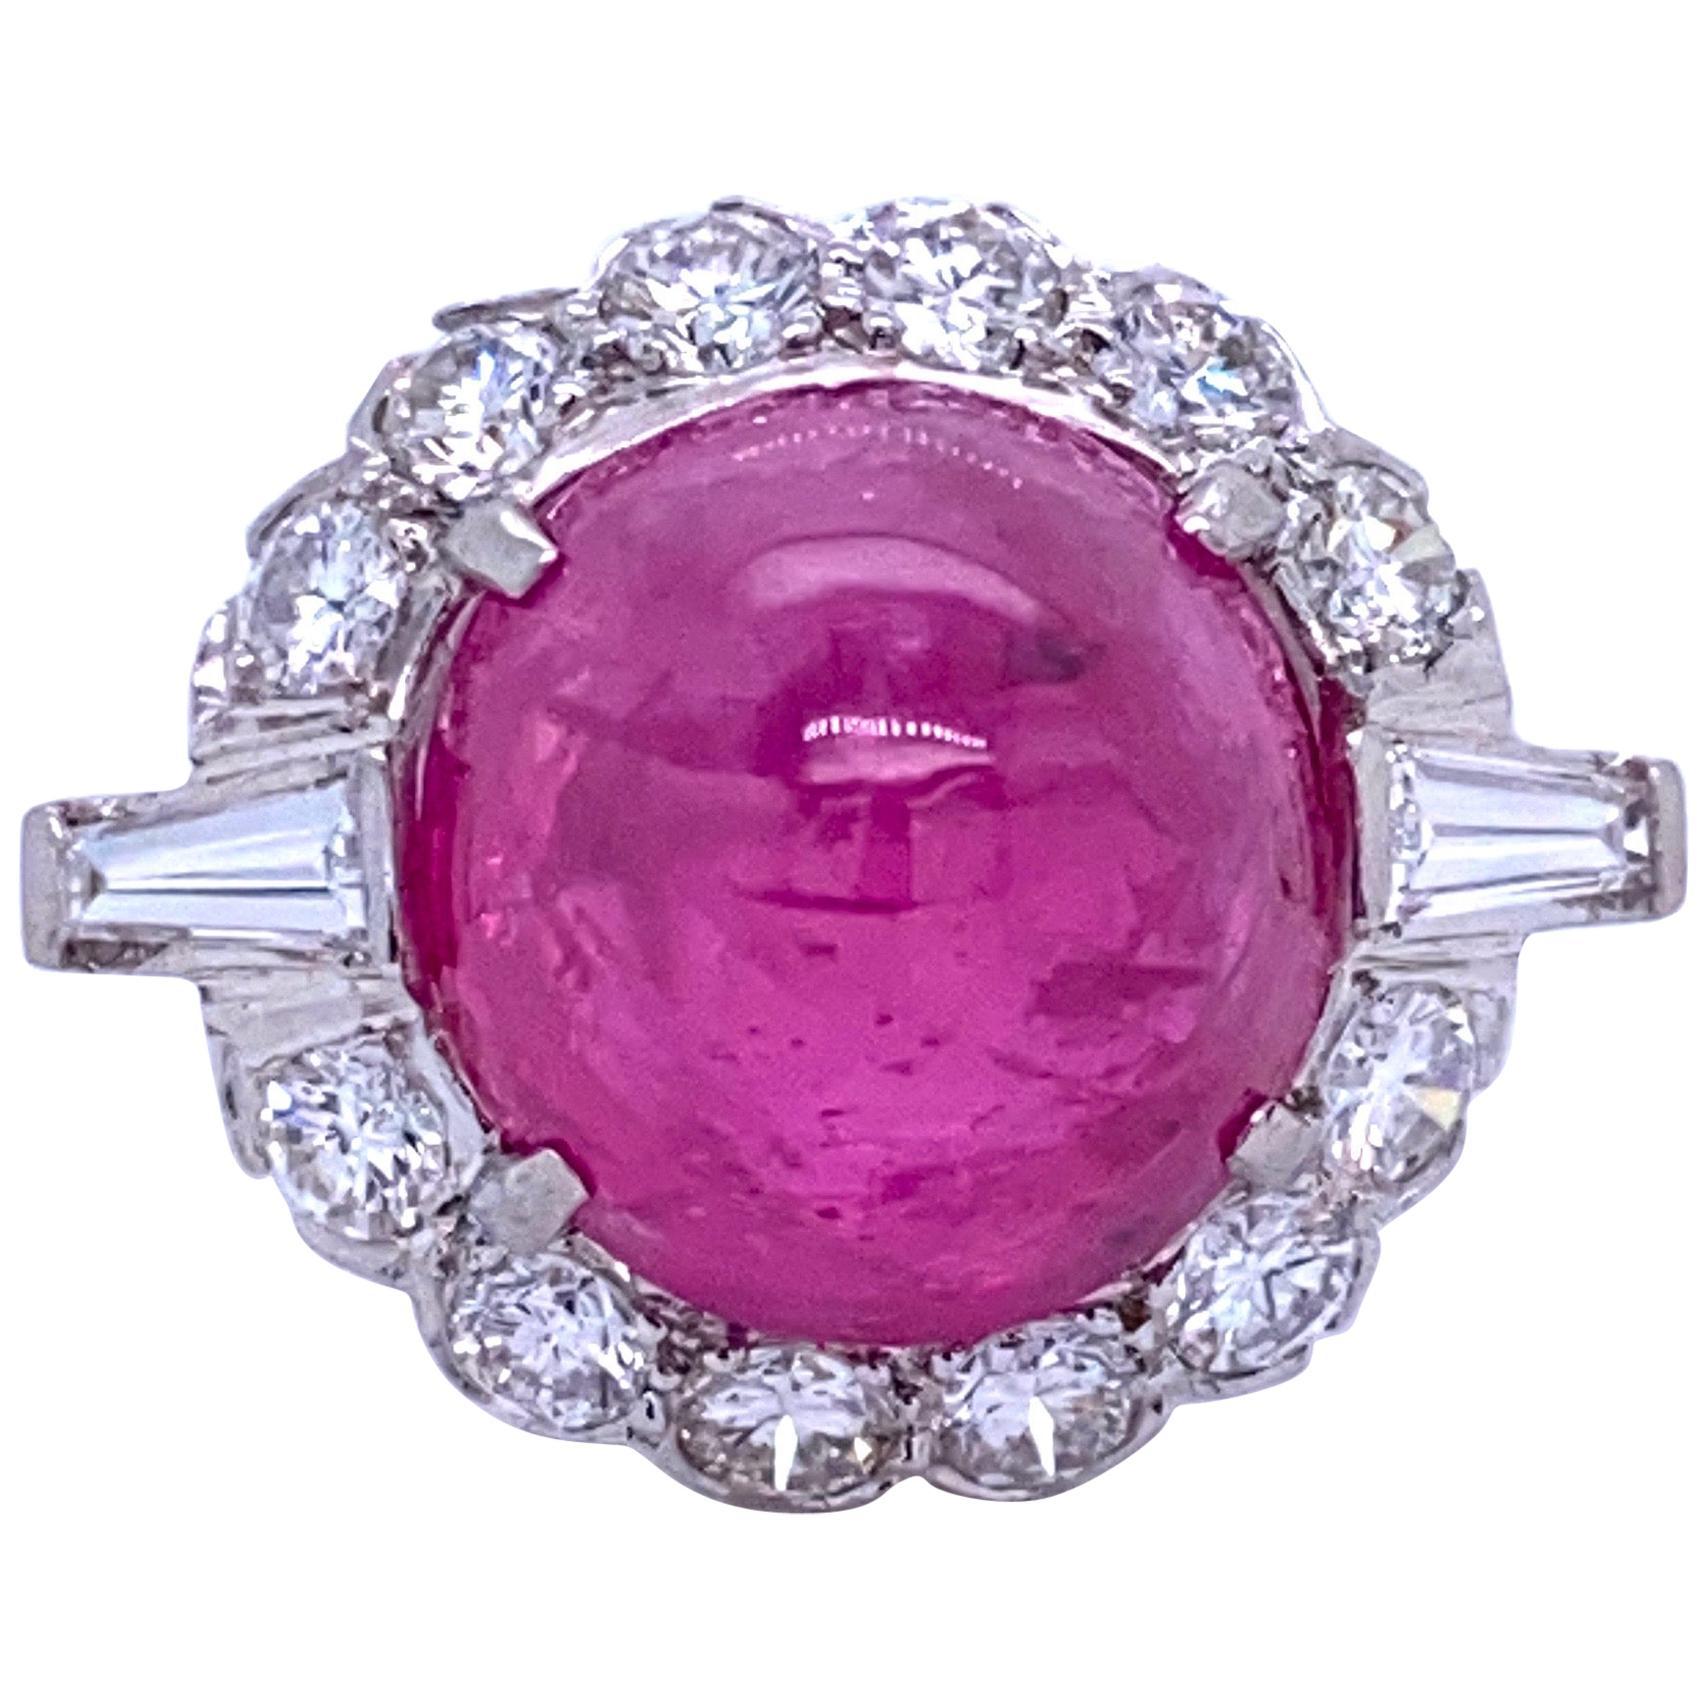 GIA Certified Sugar Loaf Ruby No Heat Diamond Ring Platinum 11.92 Carat